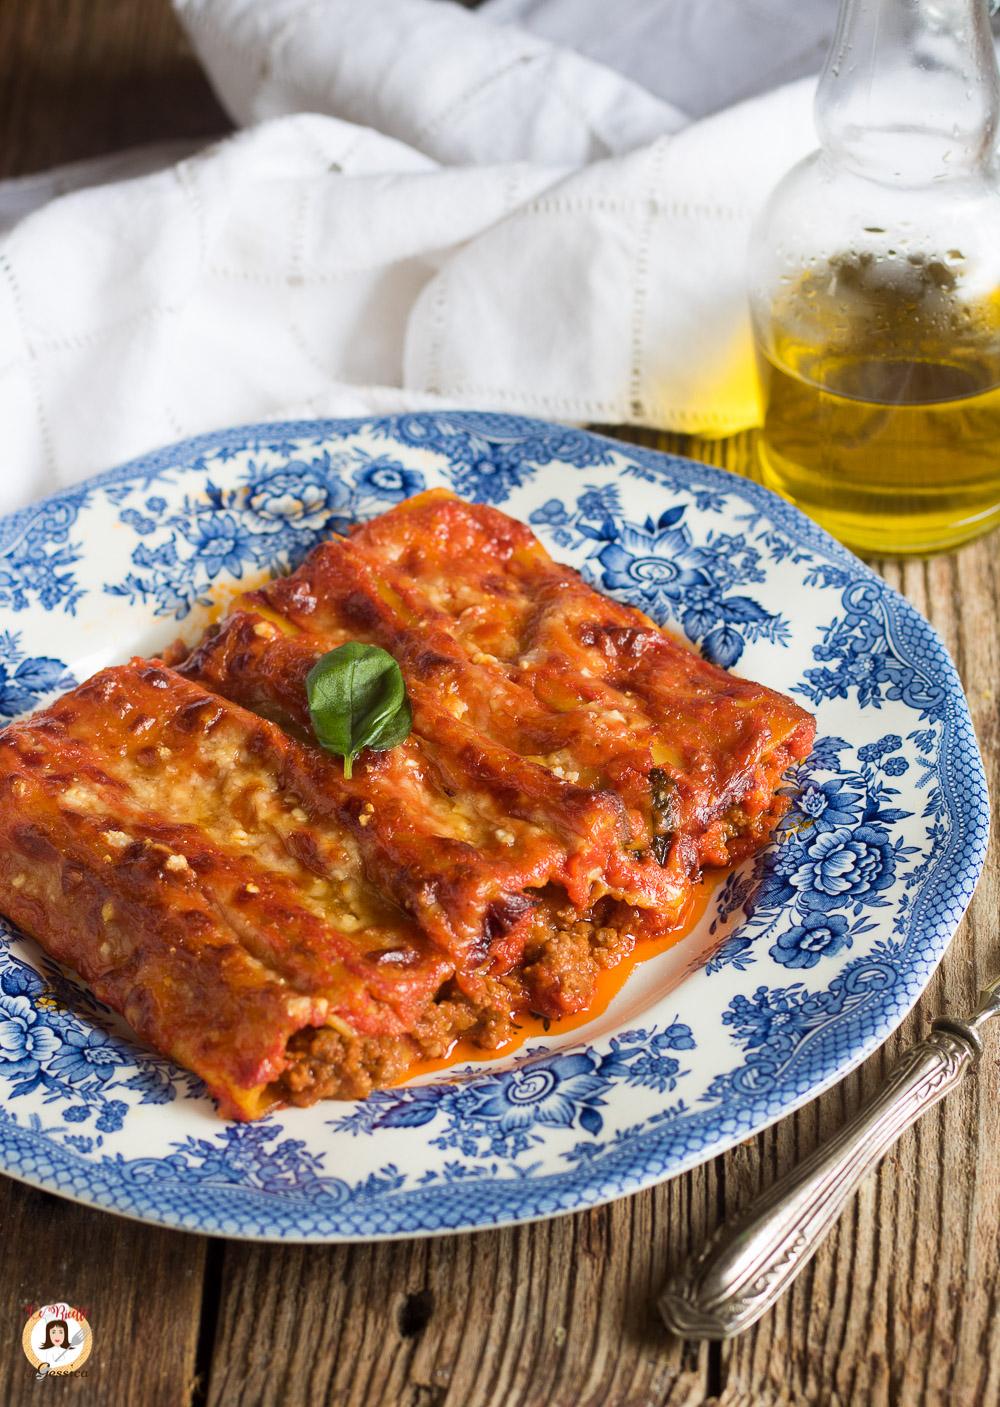 Cannelloni Al Ragù Pasta Al Horno Rellena De Carne Sin Bechamel Pasta Al Forno Ragù Piatti Di Cucina